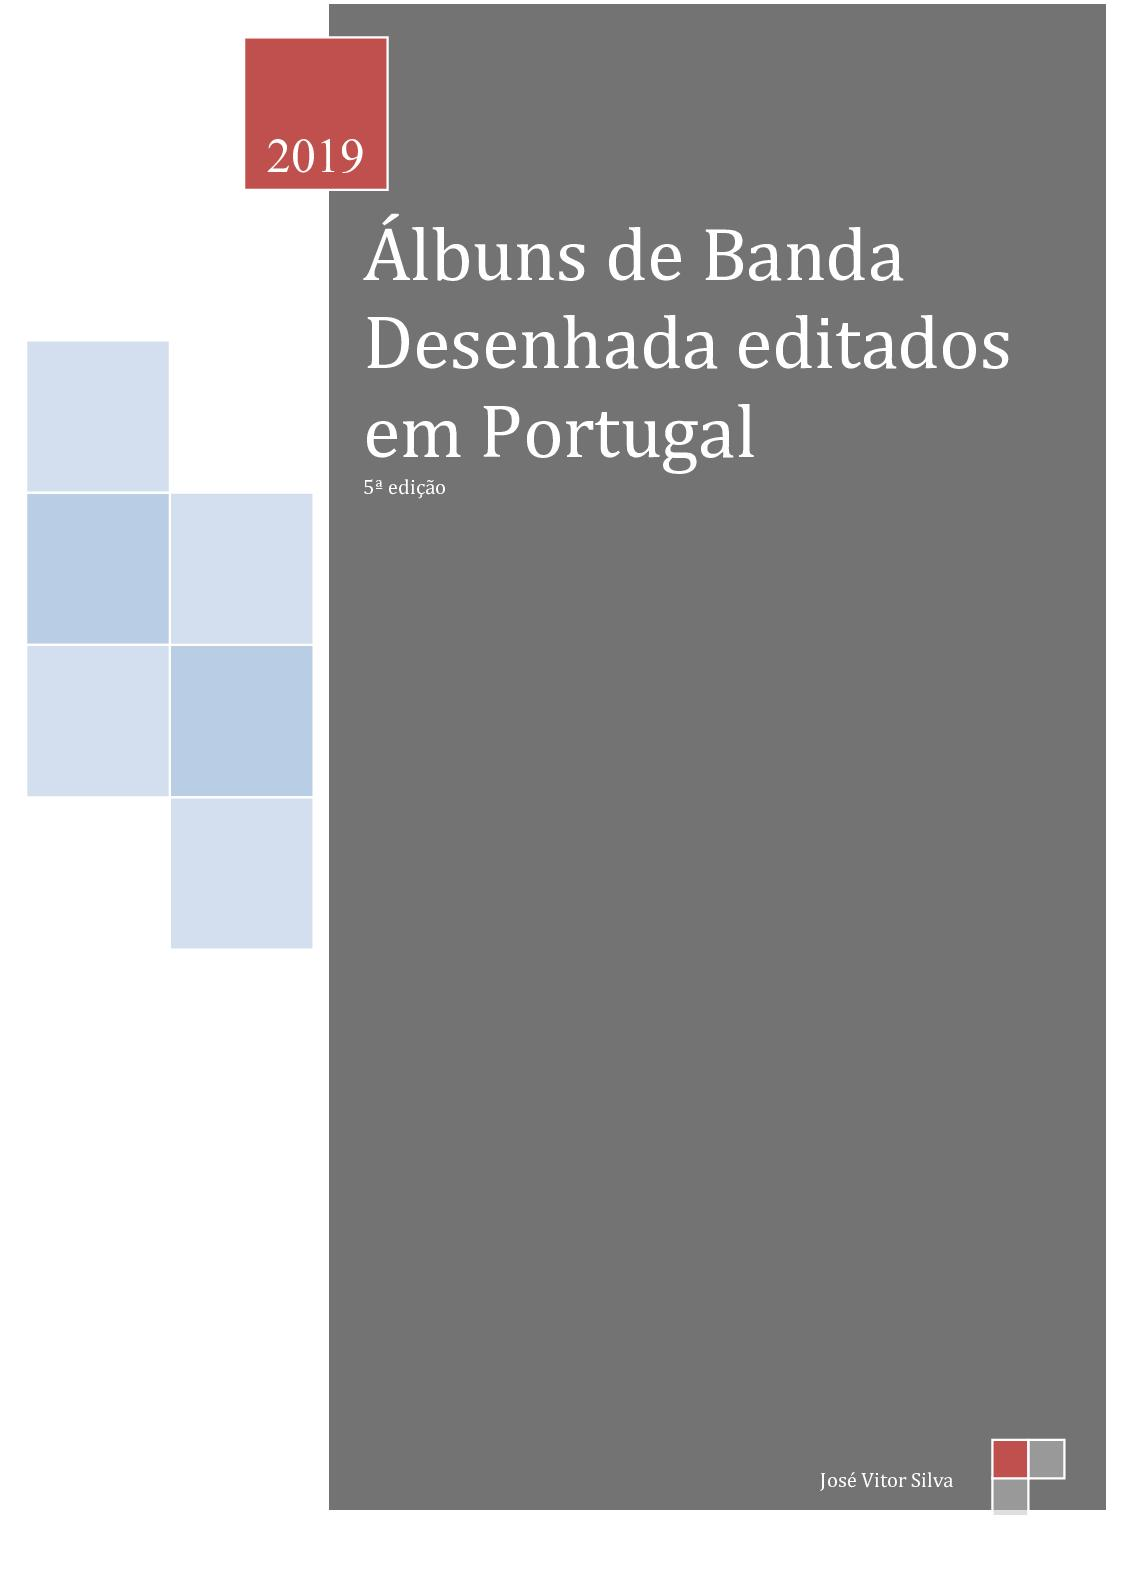 Calaméo - Álbuns de BD editados em Portugal  edição 2019  f42681a400